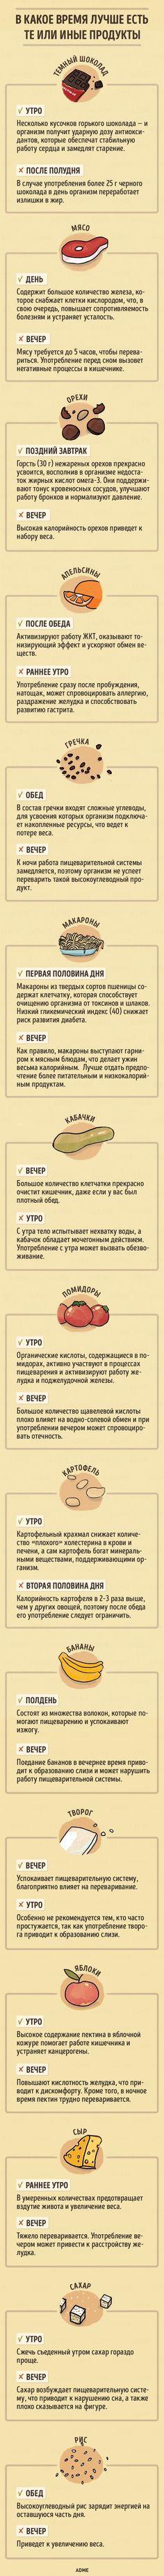 medpravila.com